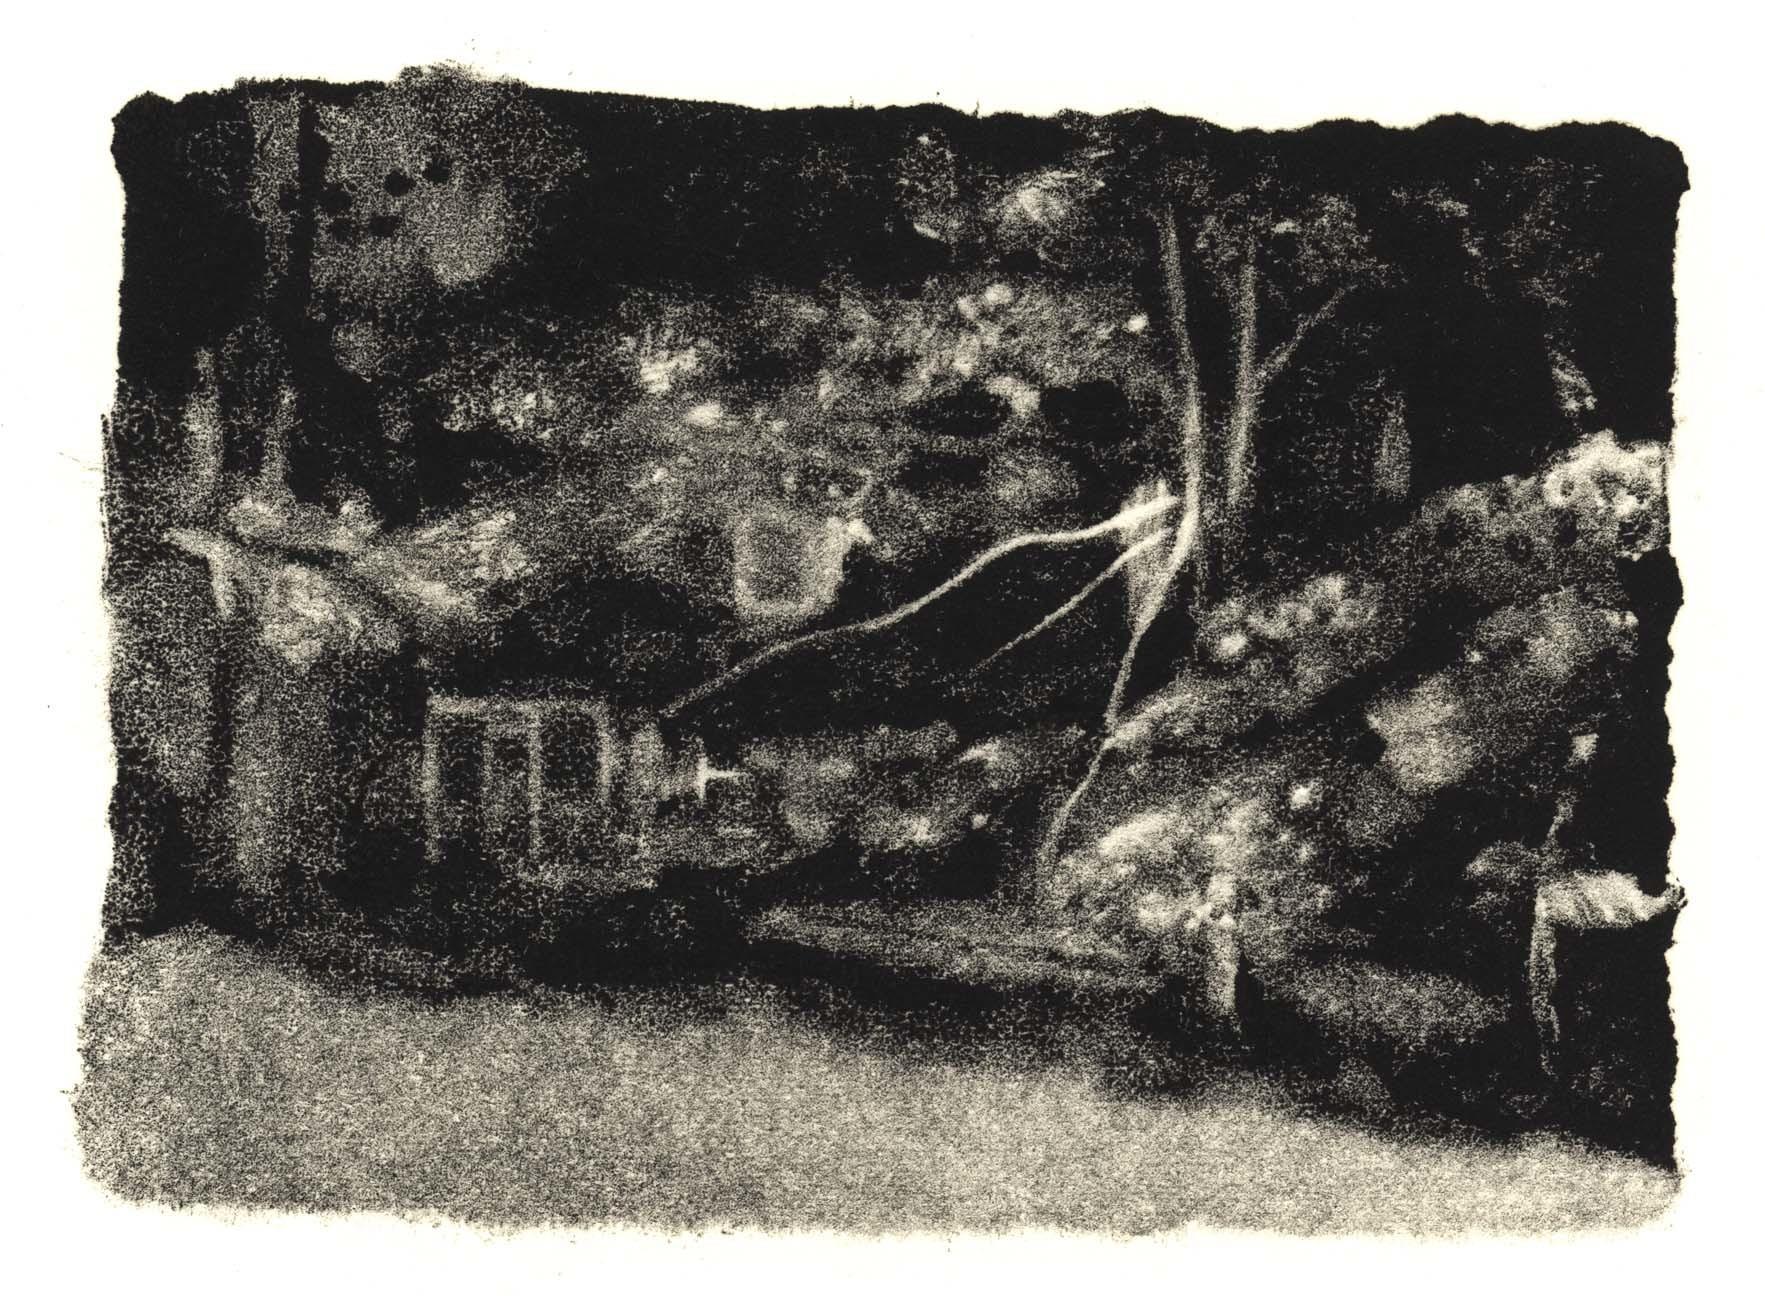 Dark House: Summer image